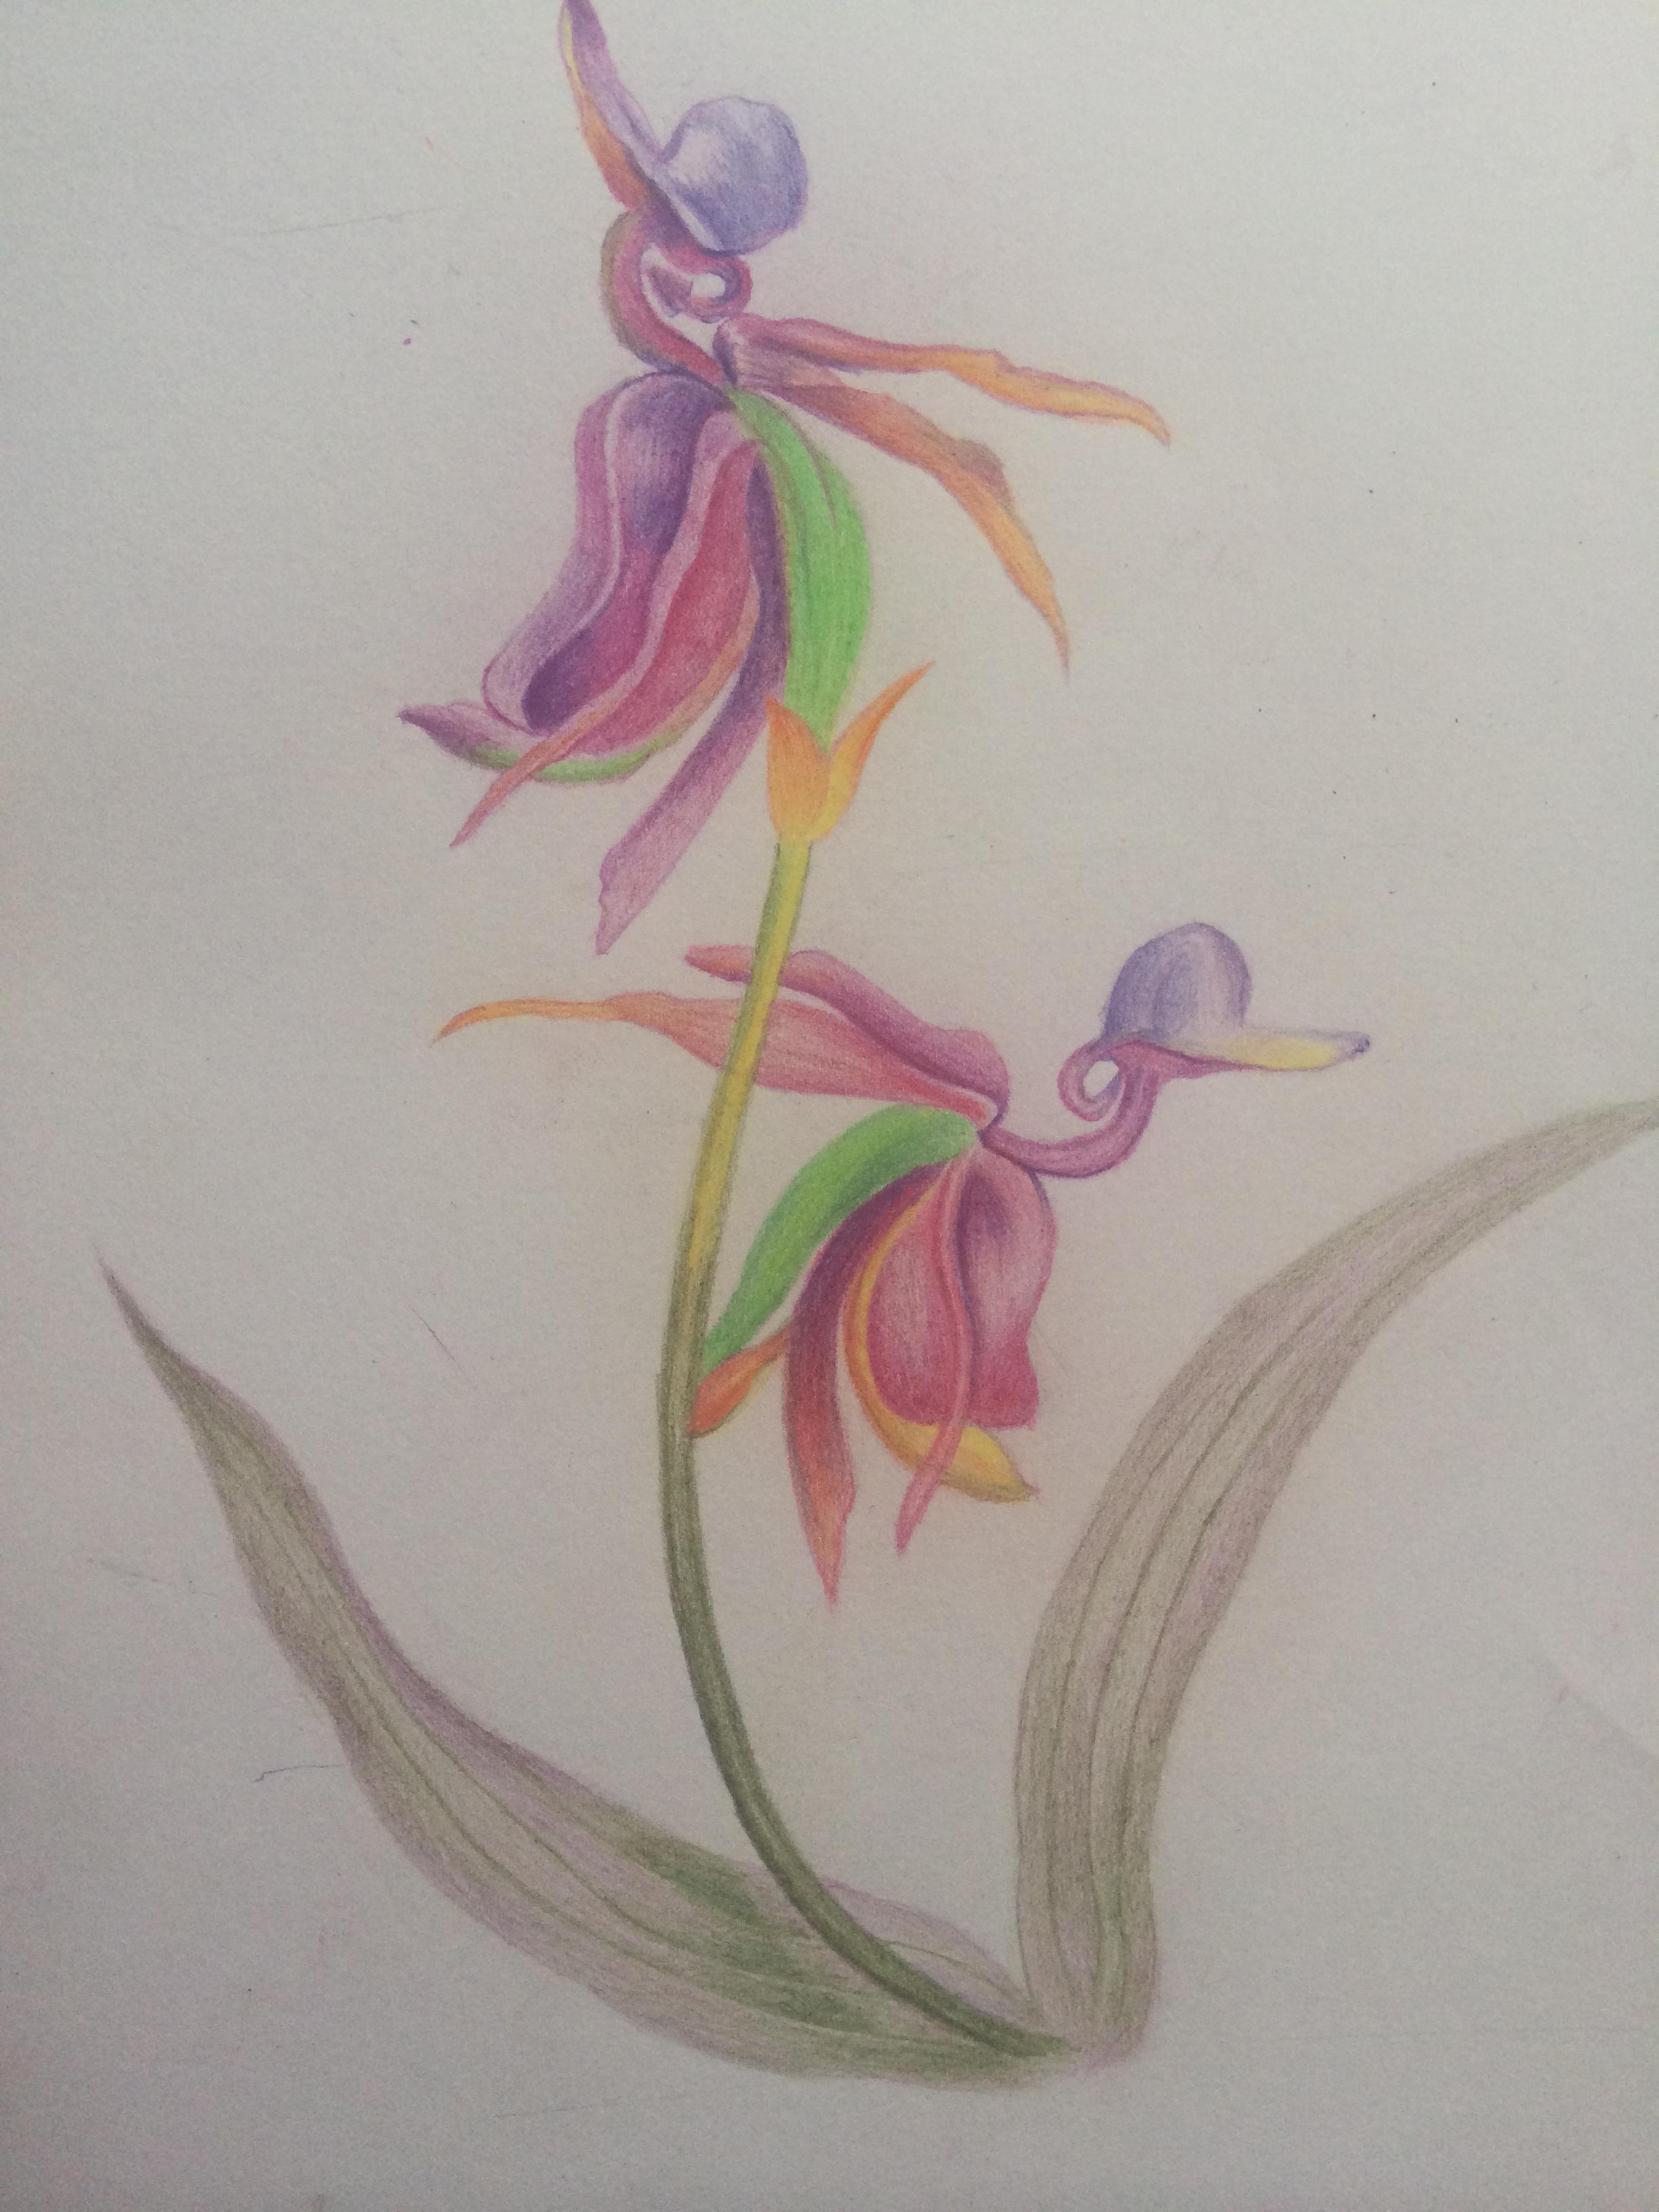 彩铅手绘花卉|插画|插画习作|ui_yoyo - 原创作品